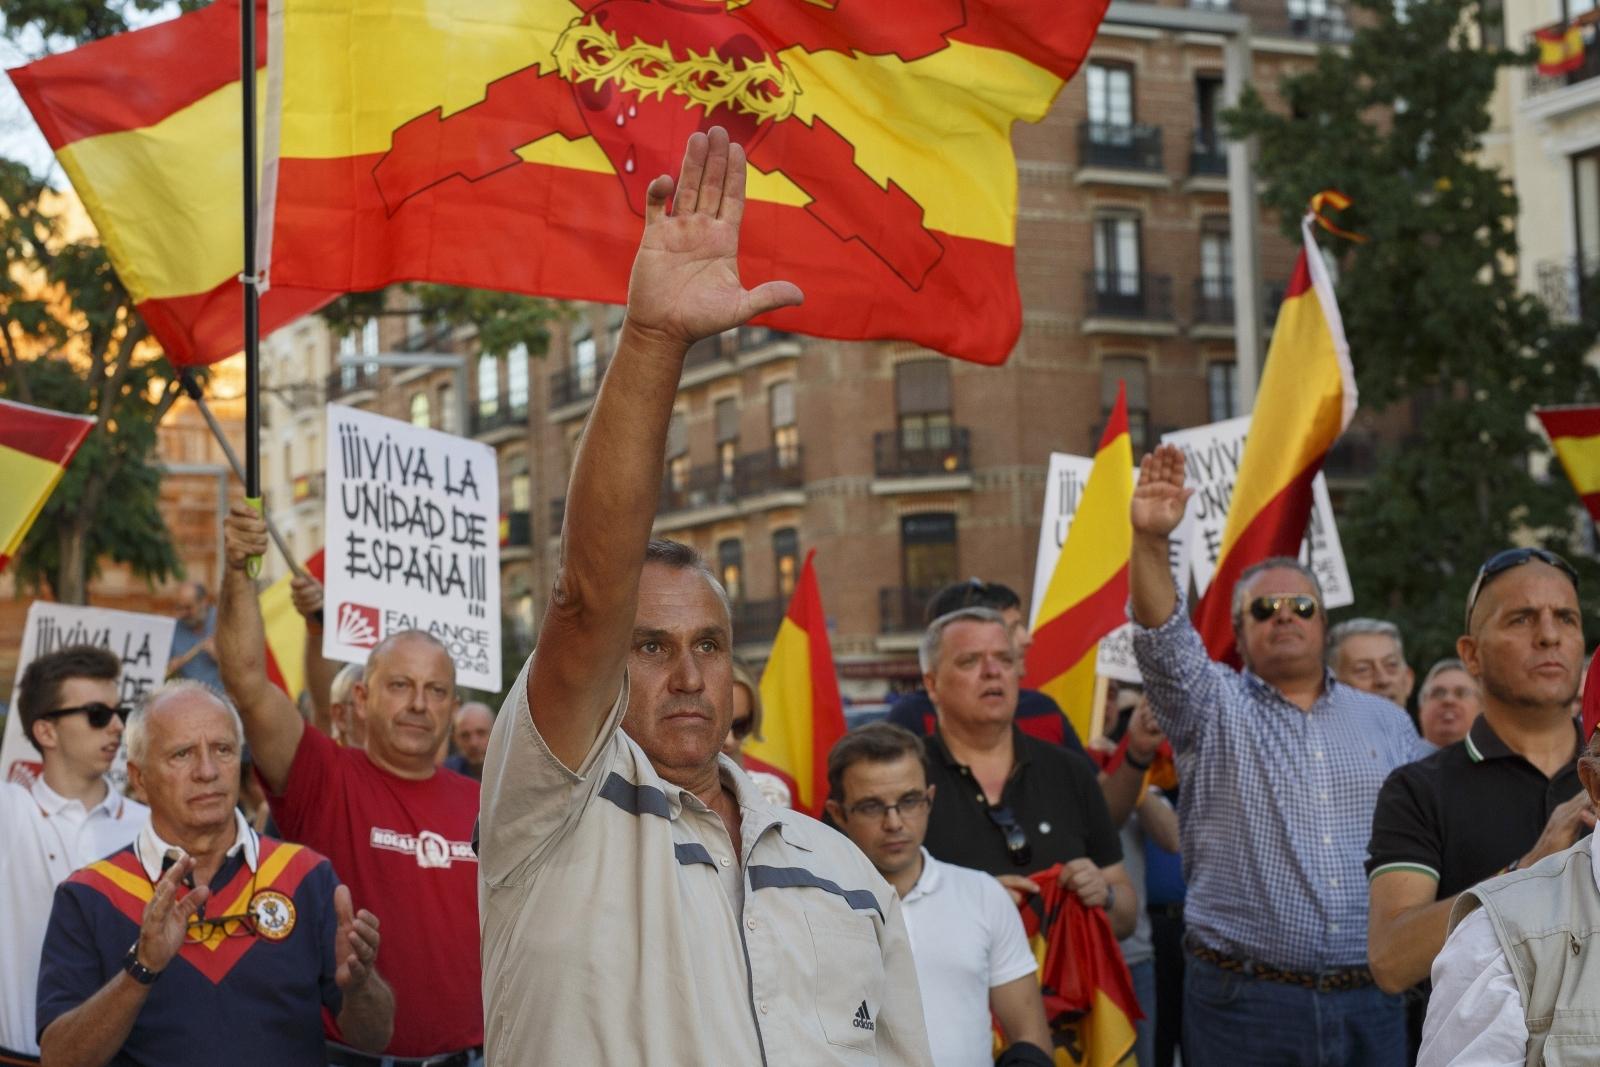 Nazi salute Catalan independence